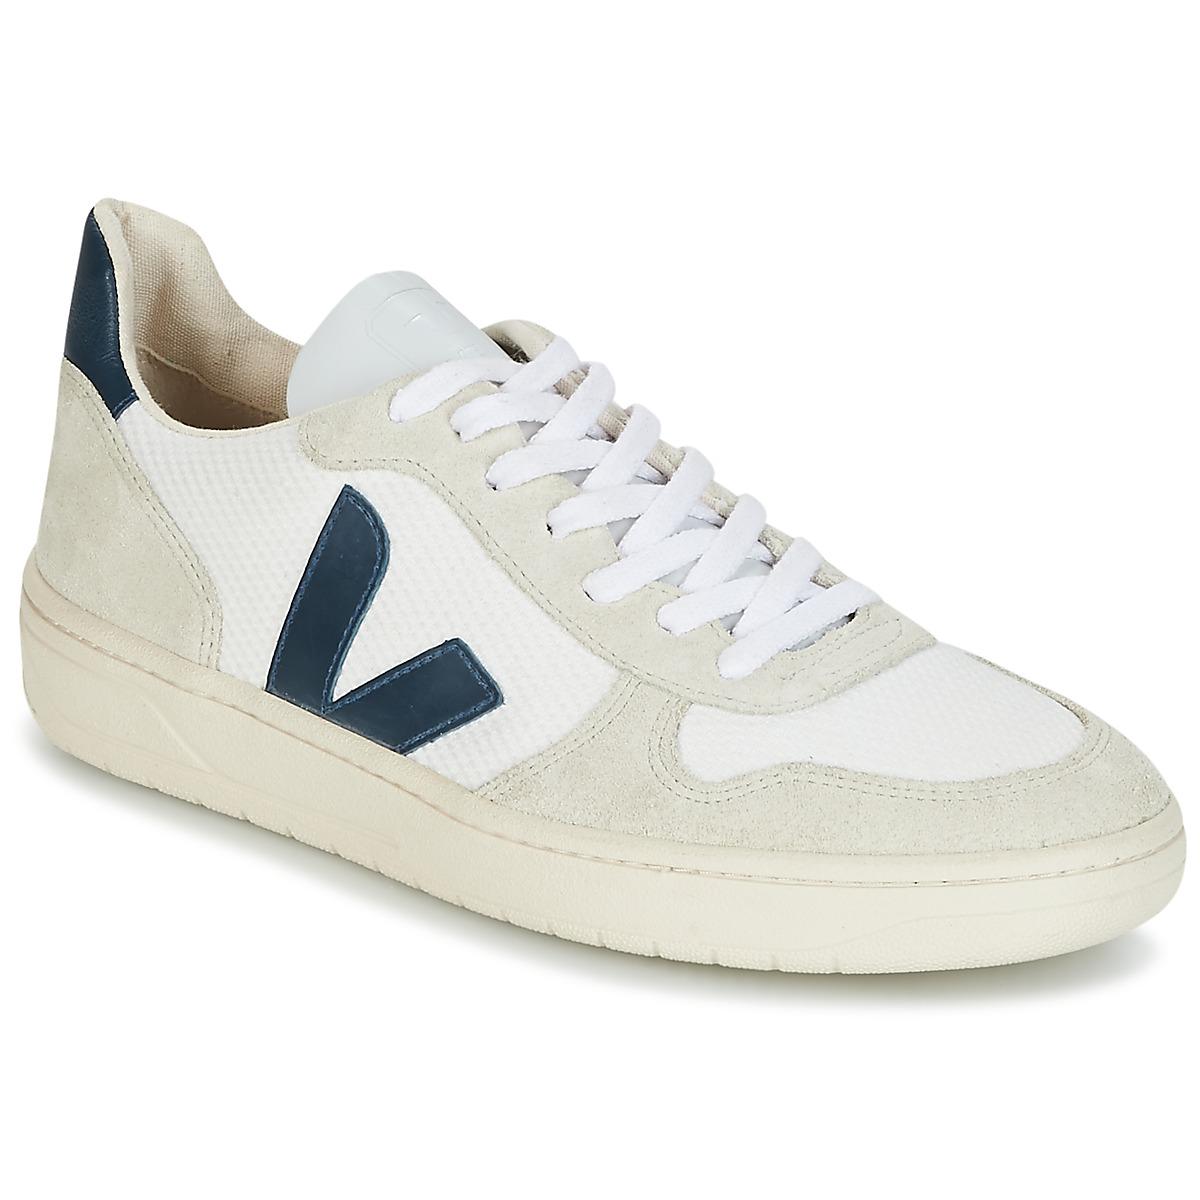 Veja V-10 Weiss / Blau Spartoode - Kostenloser Versand bei Spartoode Blau ! - Schuhe Sneaker Low Herren 109,00 € 951dfe